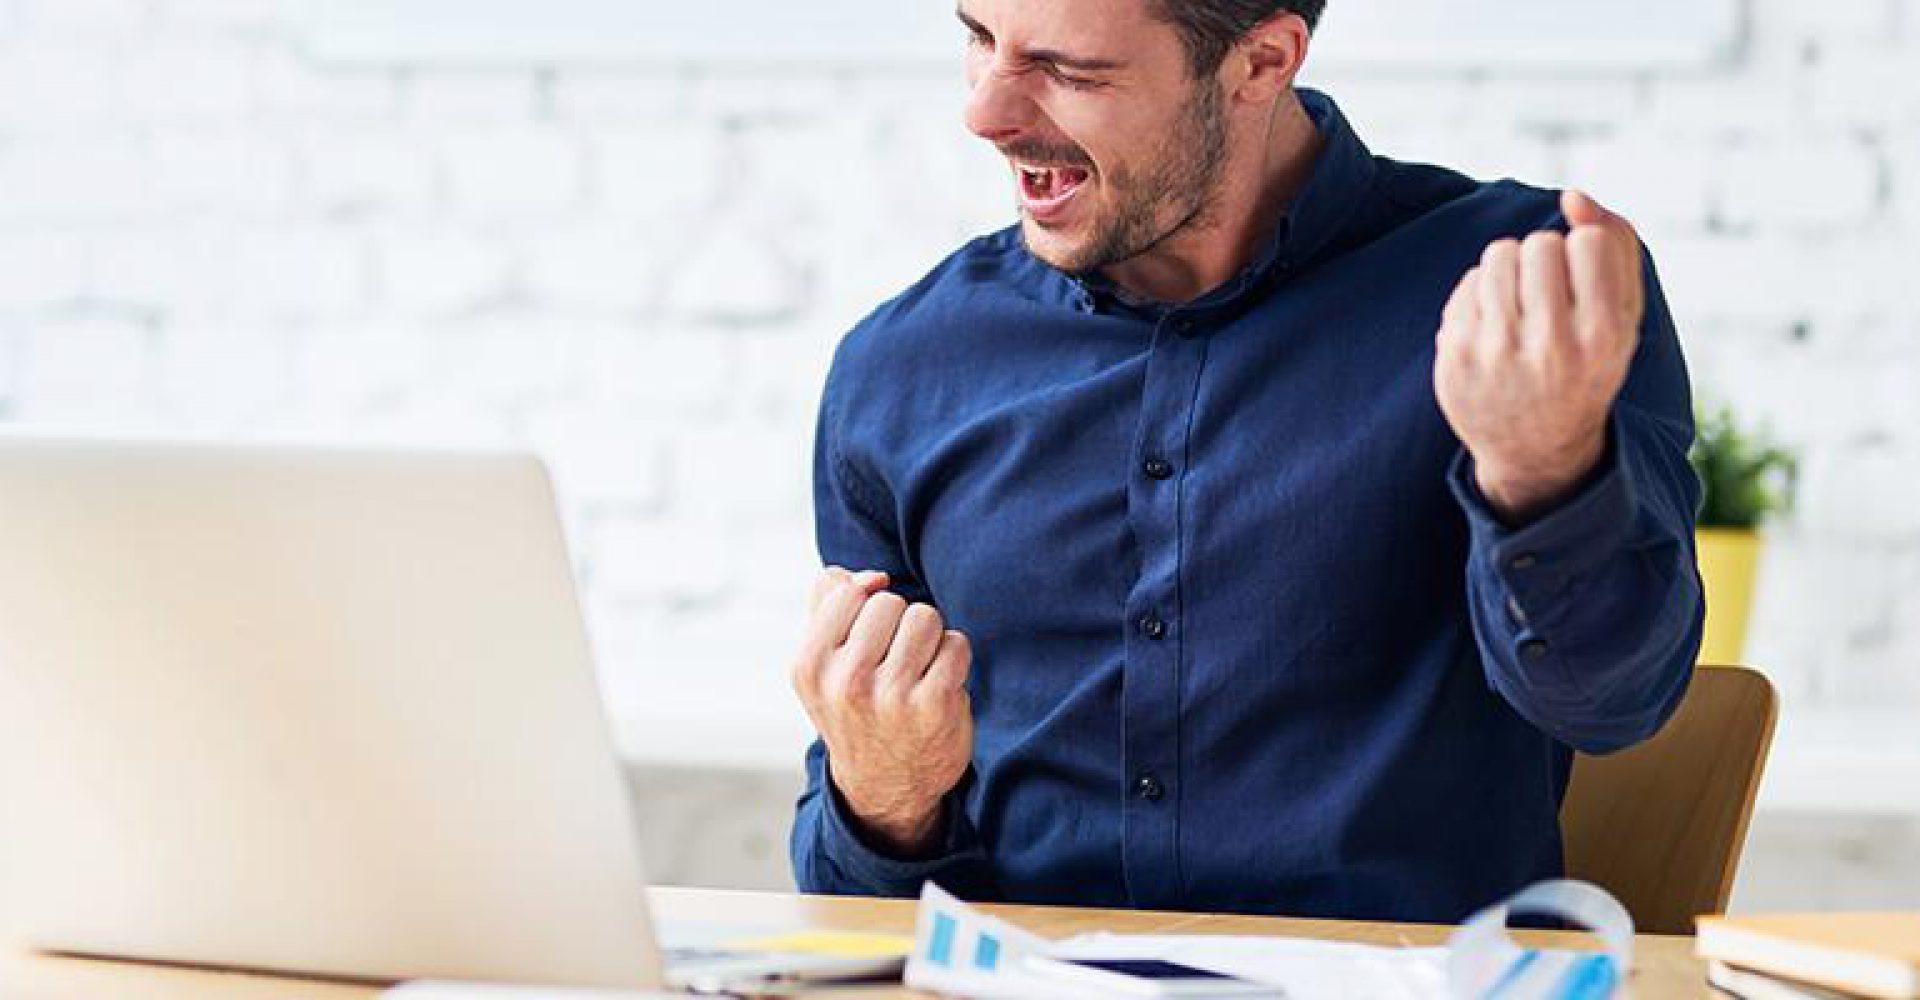 Certificações de TI Ascenty: confiabilidade para o seu negócio